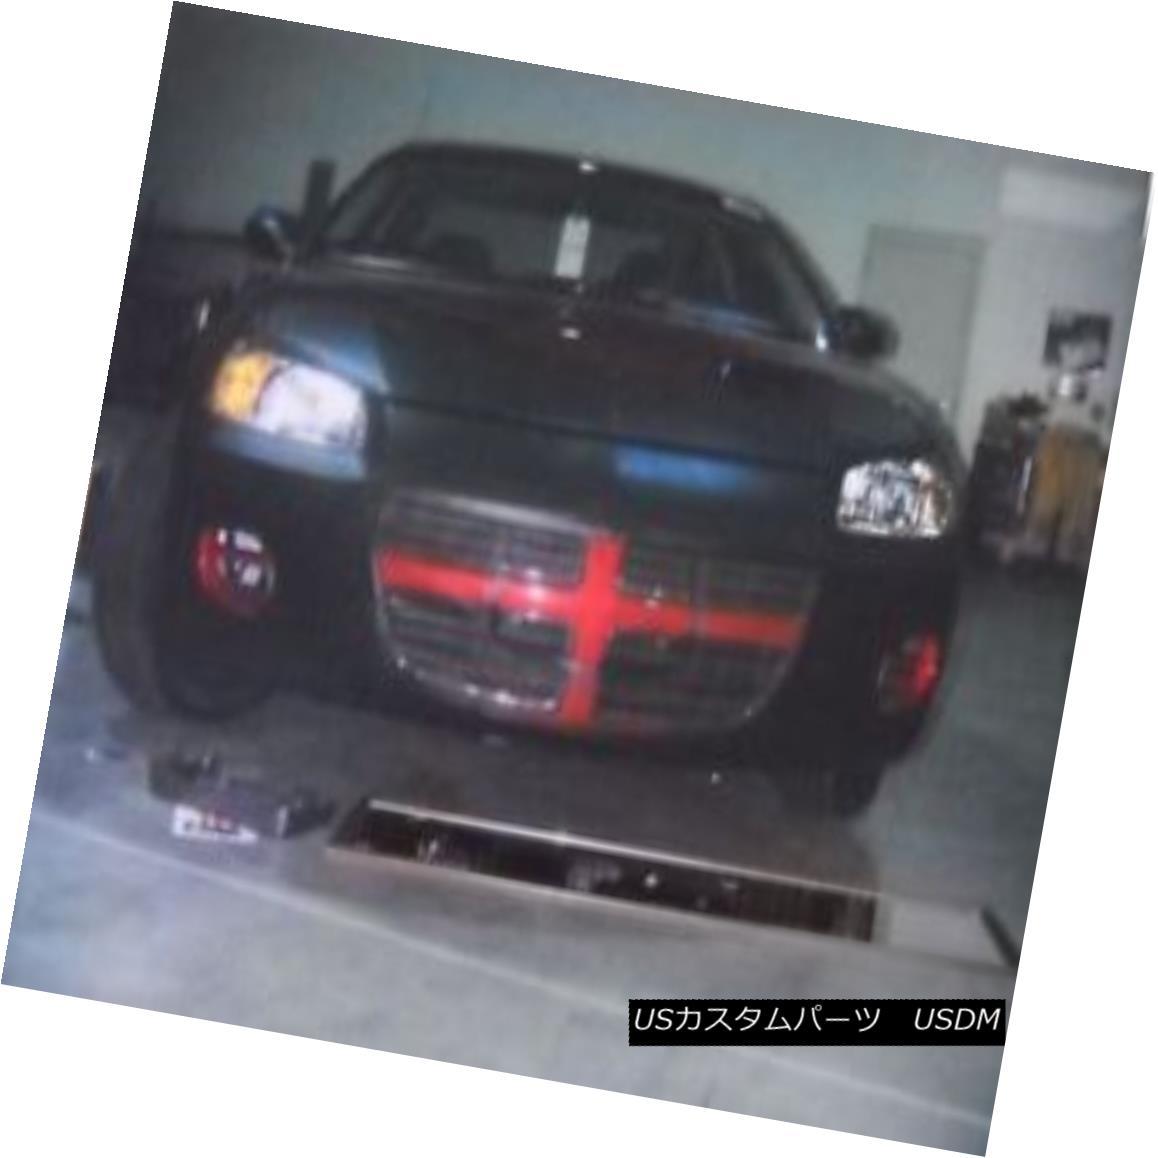 フルブラ ノーズブラ Lebra Front End Mask Bra Fits DODGE STRATUS 4 Dr. Sedan 2001-2003 LebraフロントエンドマスクブラはDODGE STRATUS 4 Dr. Sedan 2001-2003に適合